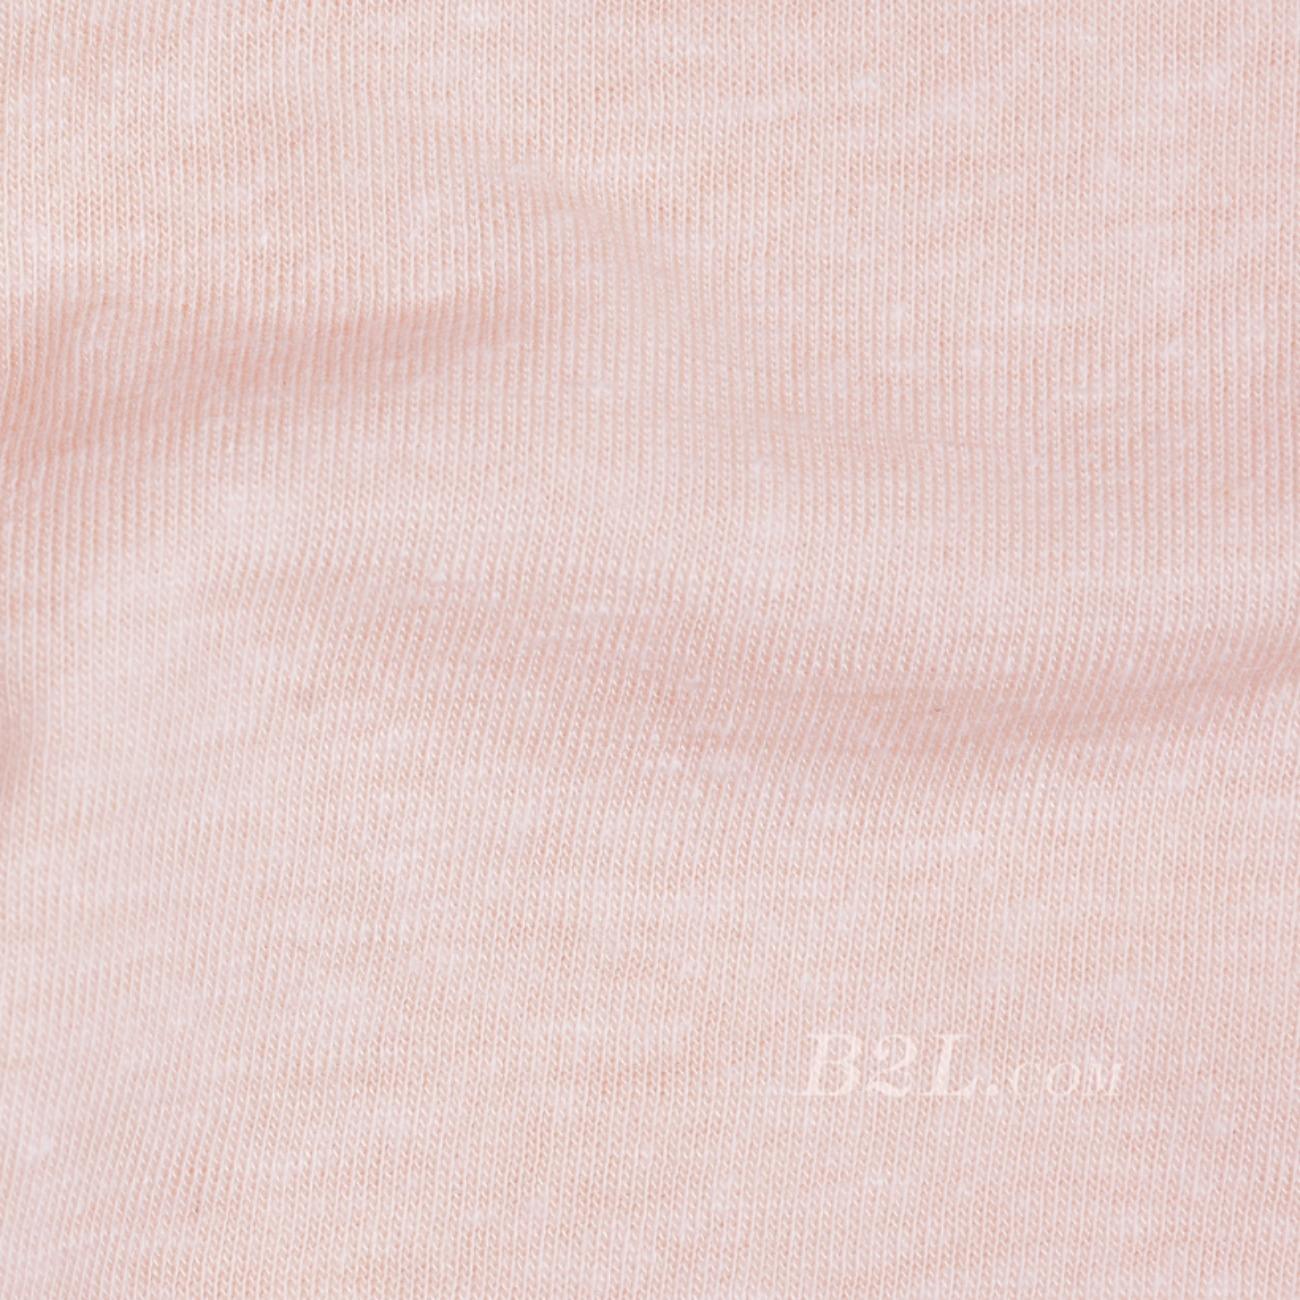 素色 针织 染色 低弹 春秋 连衣裙 时装 90306-48